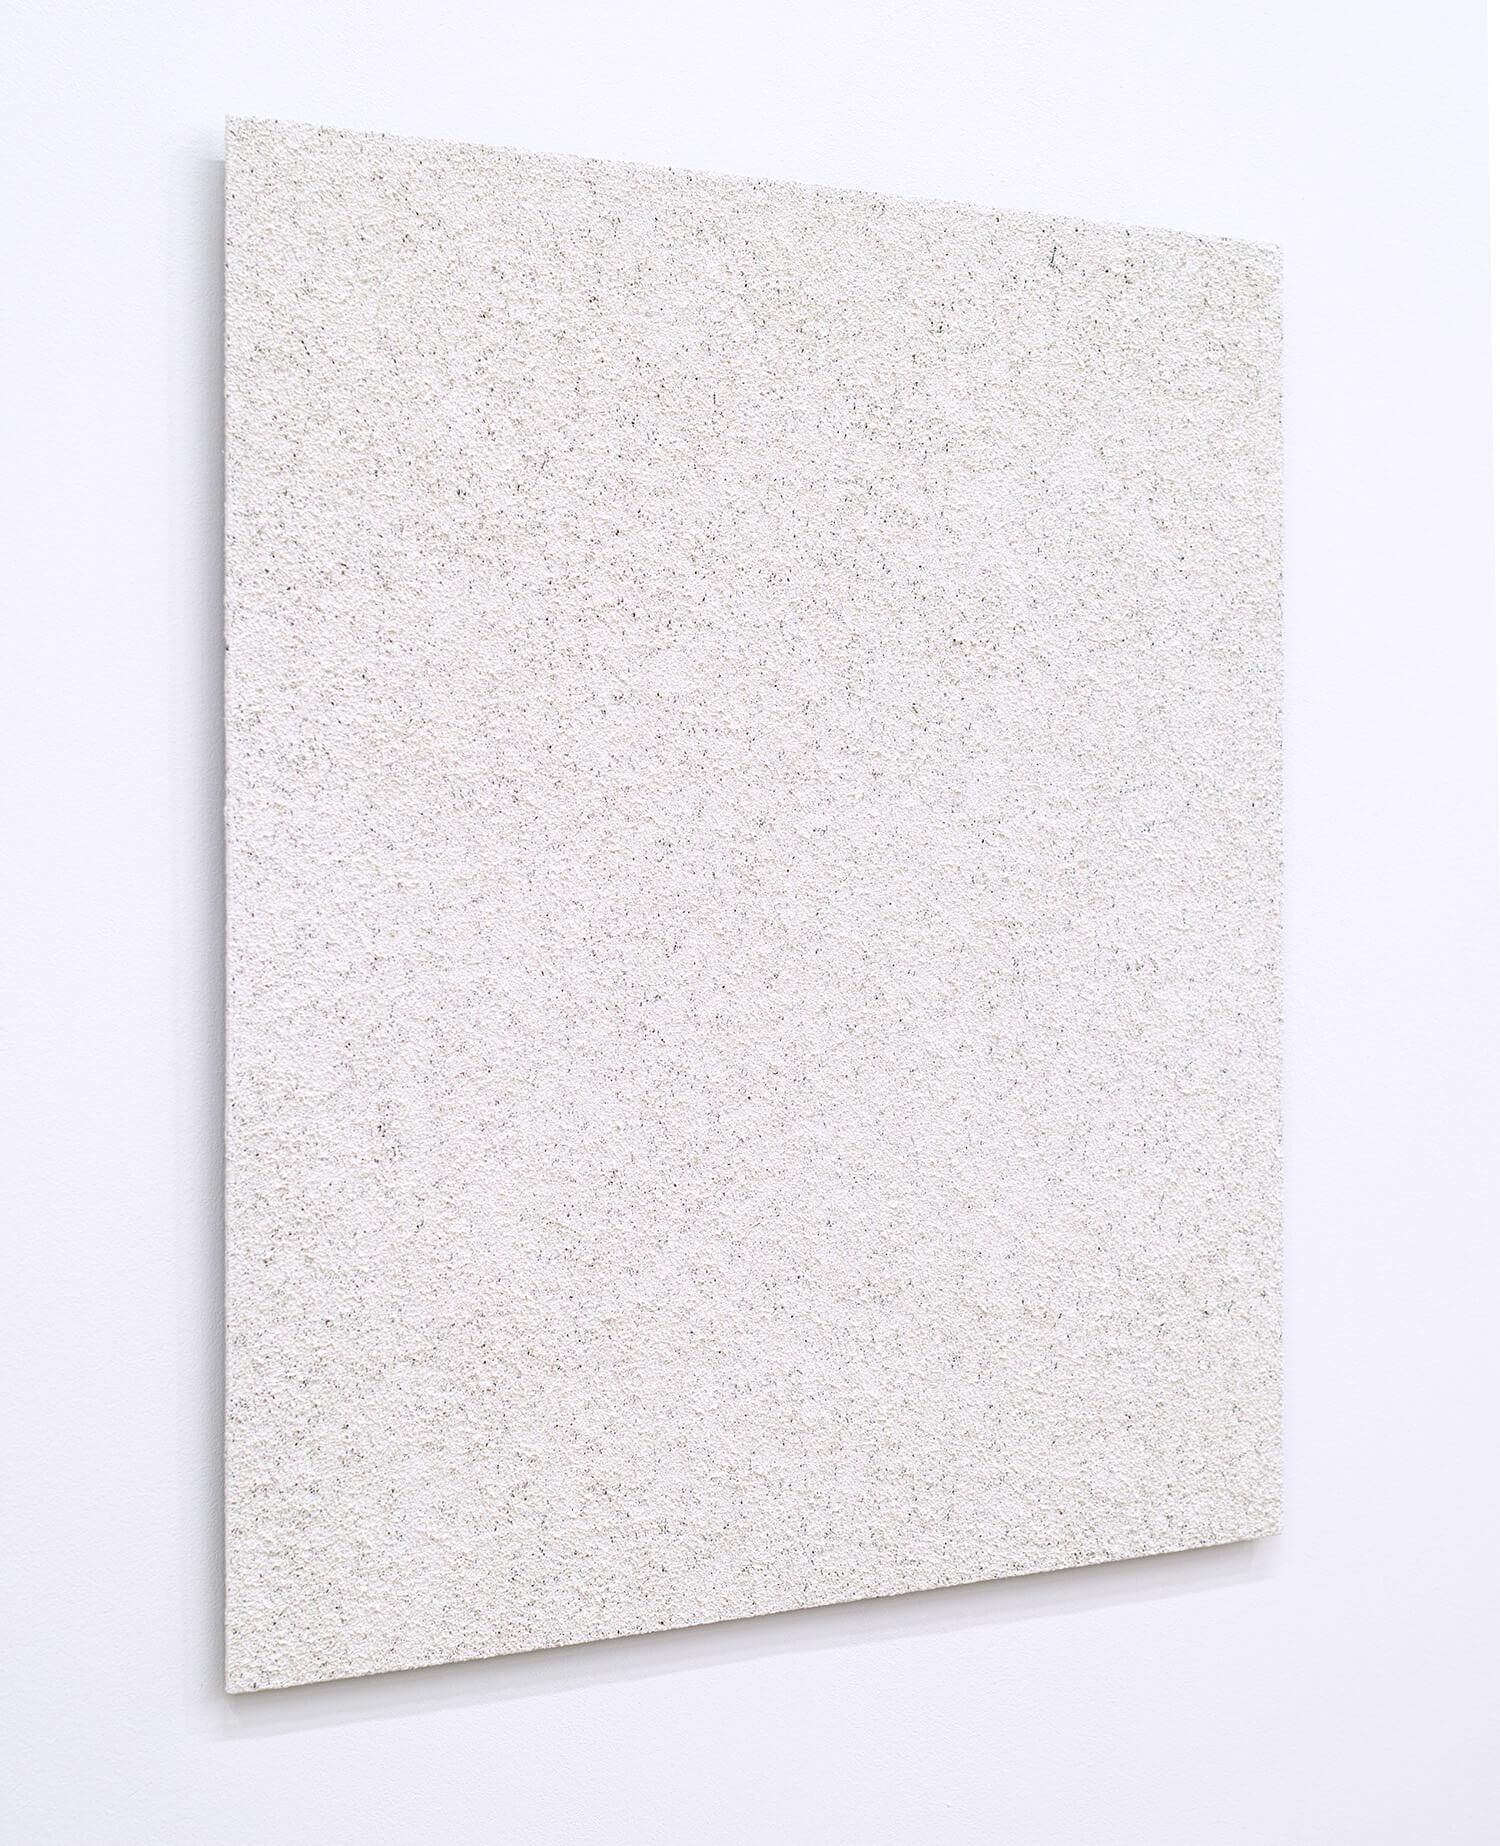 五十嵐彰雄 絵画'01-10F oil on aluminum 50 x 45 cm 2001